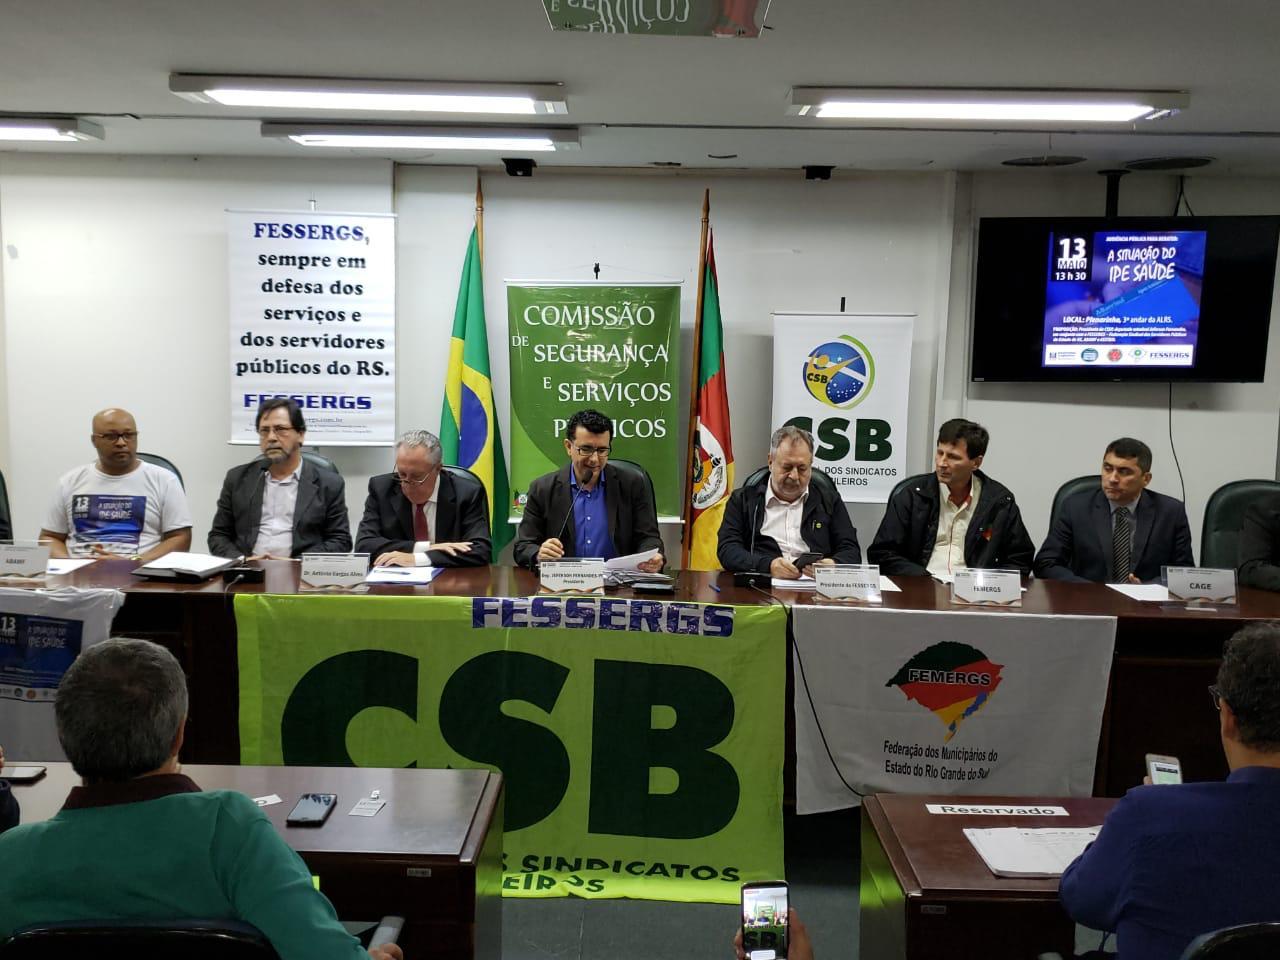 Fessergs defende a criação de um Fórum permanente de discussão sobre o IPE